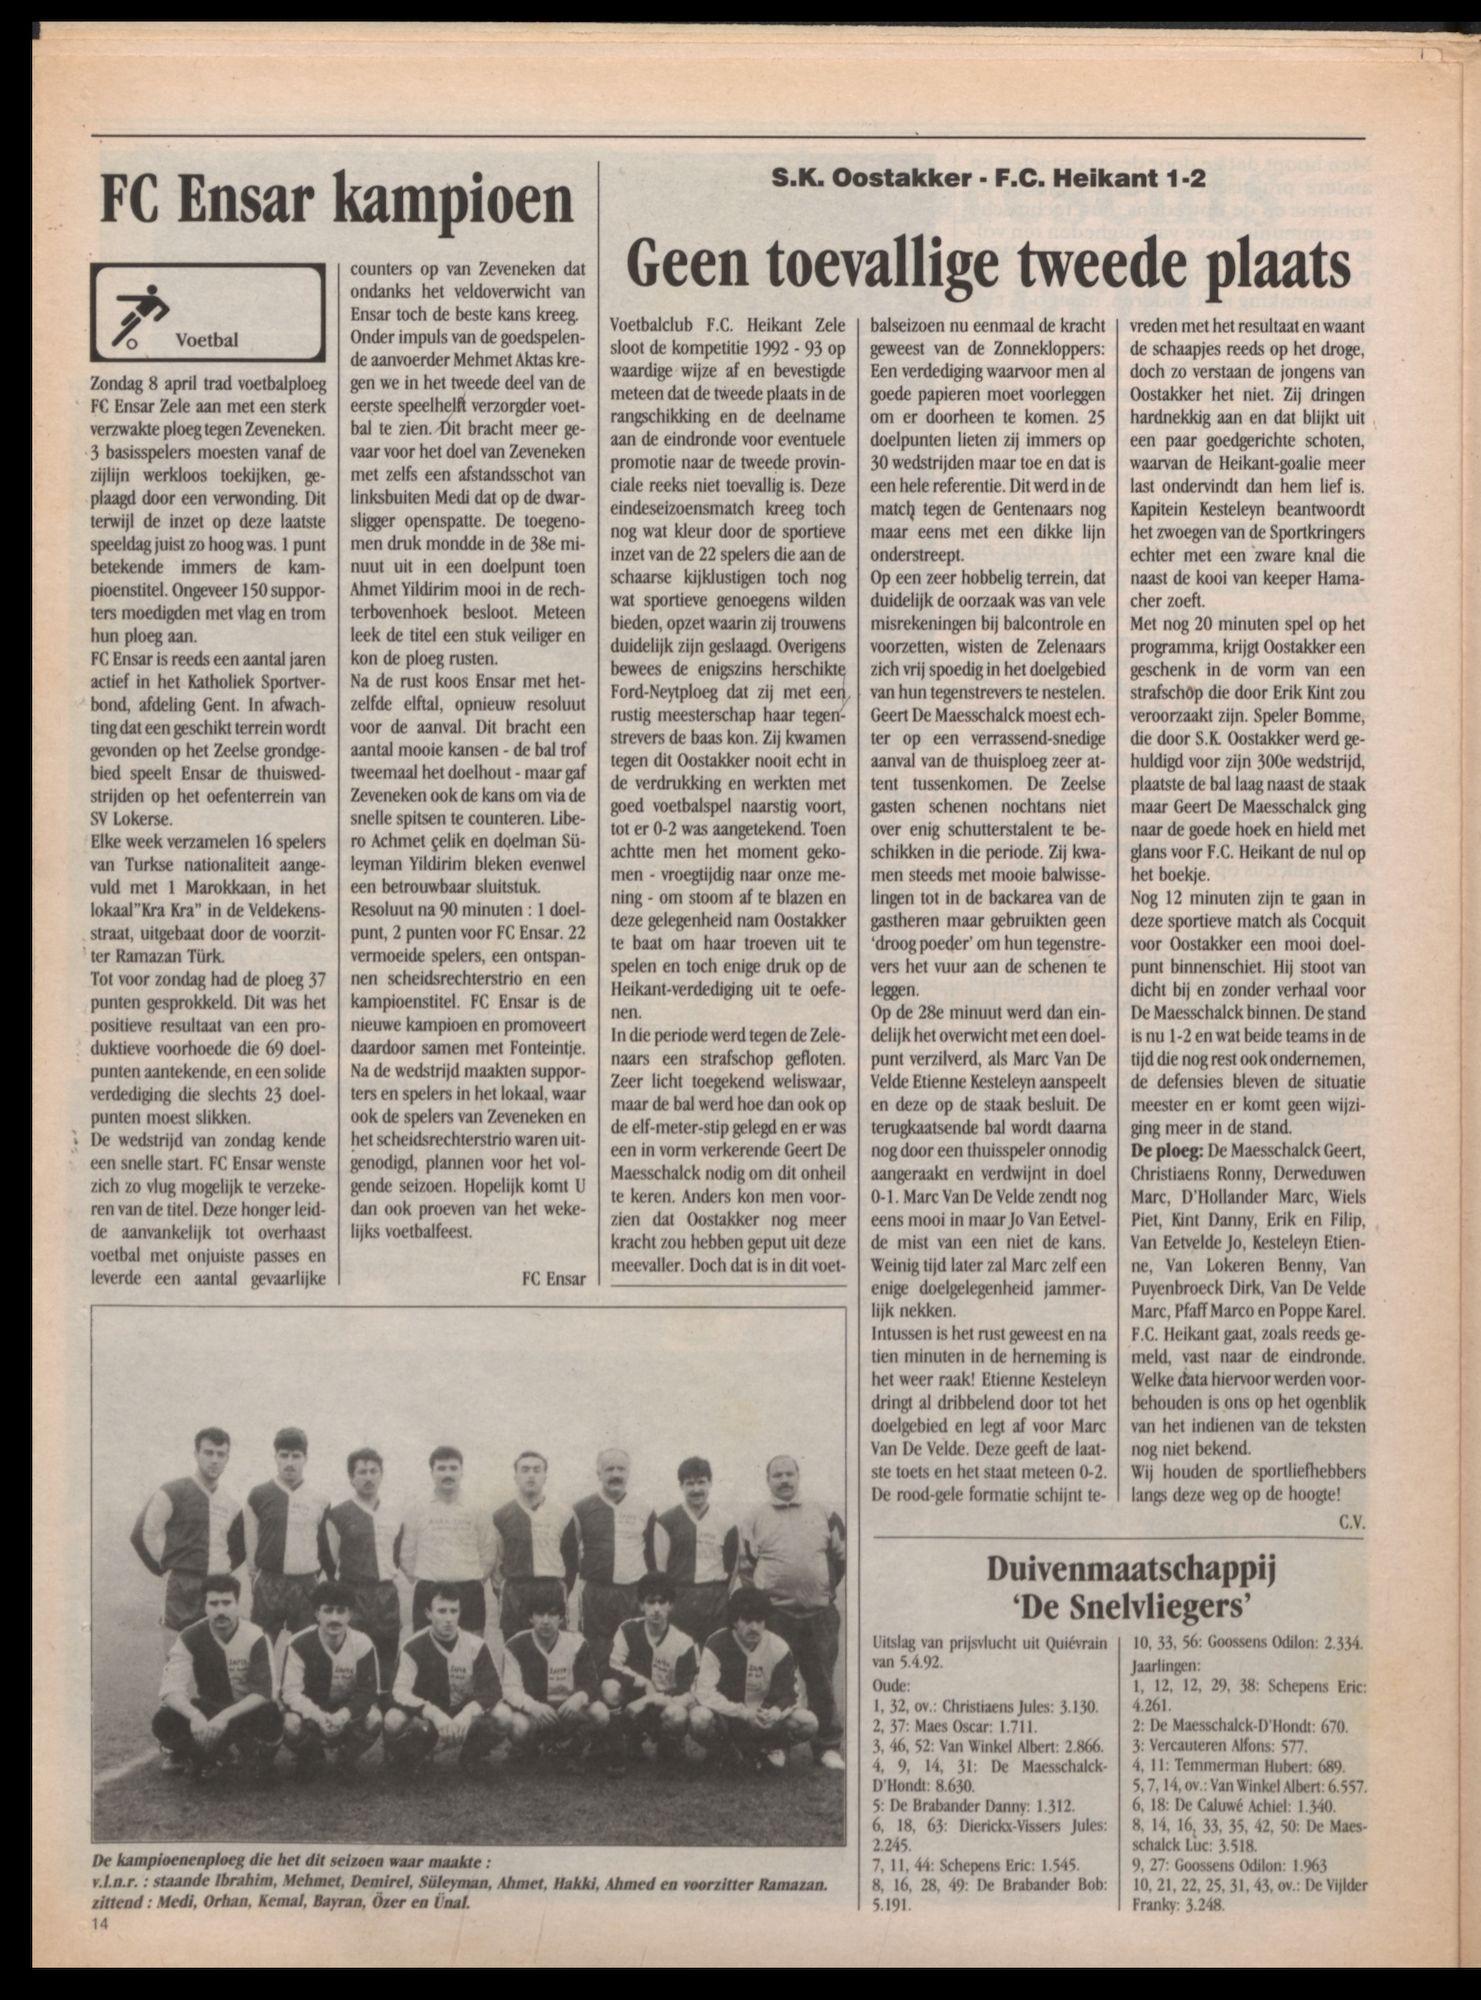 GAZET VAN ZELE 1992-04-10 p14